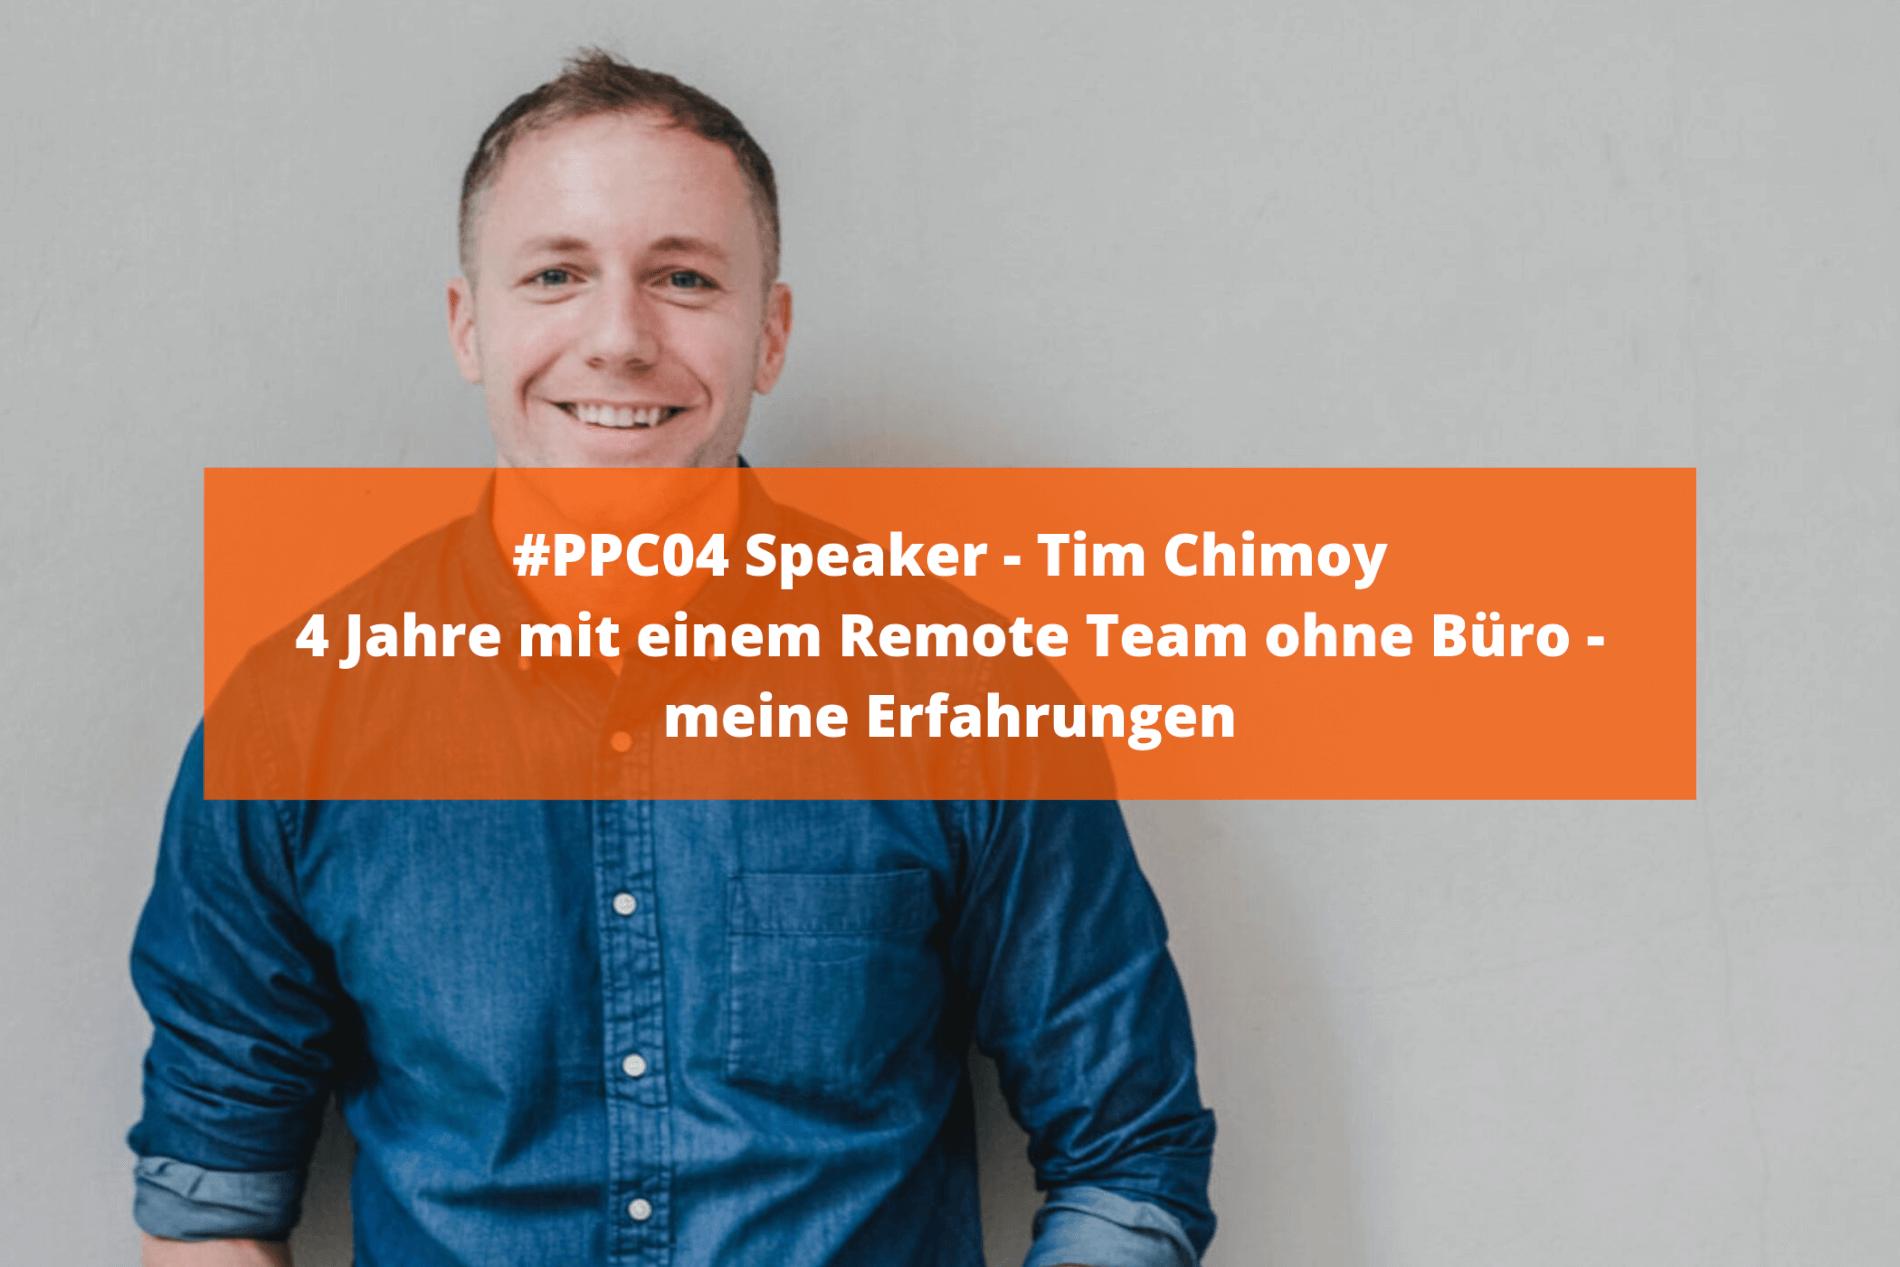 4 Jahre mit einem Remote Team ohne Büro - Interview mit Tim Chimoy